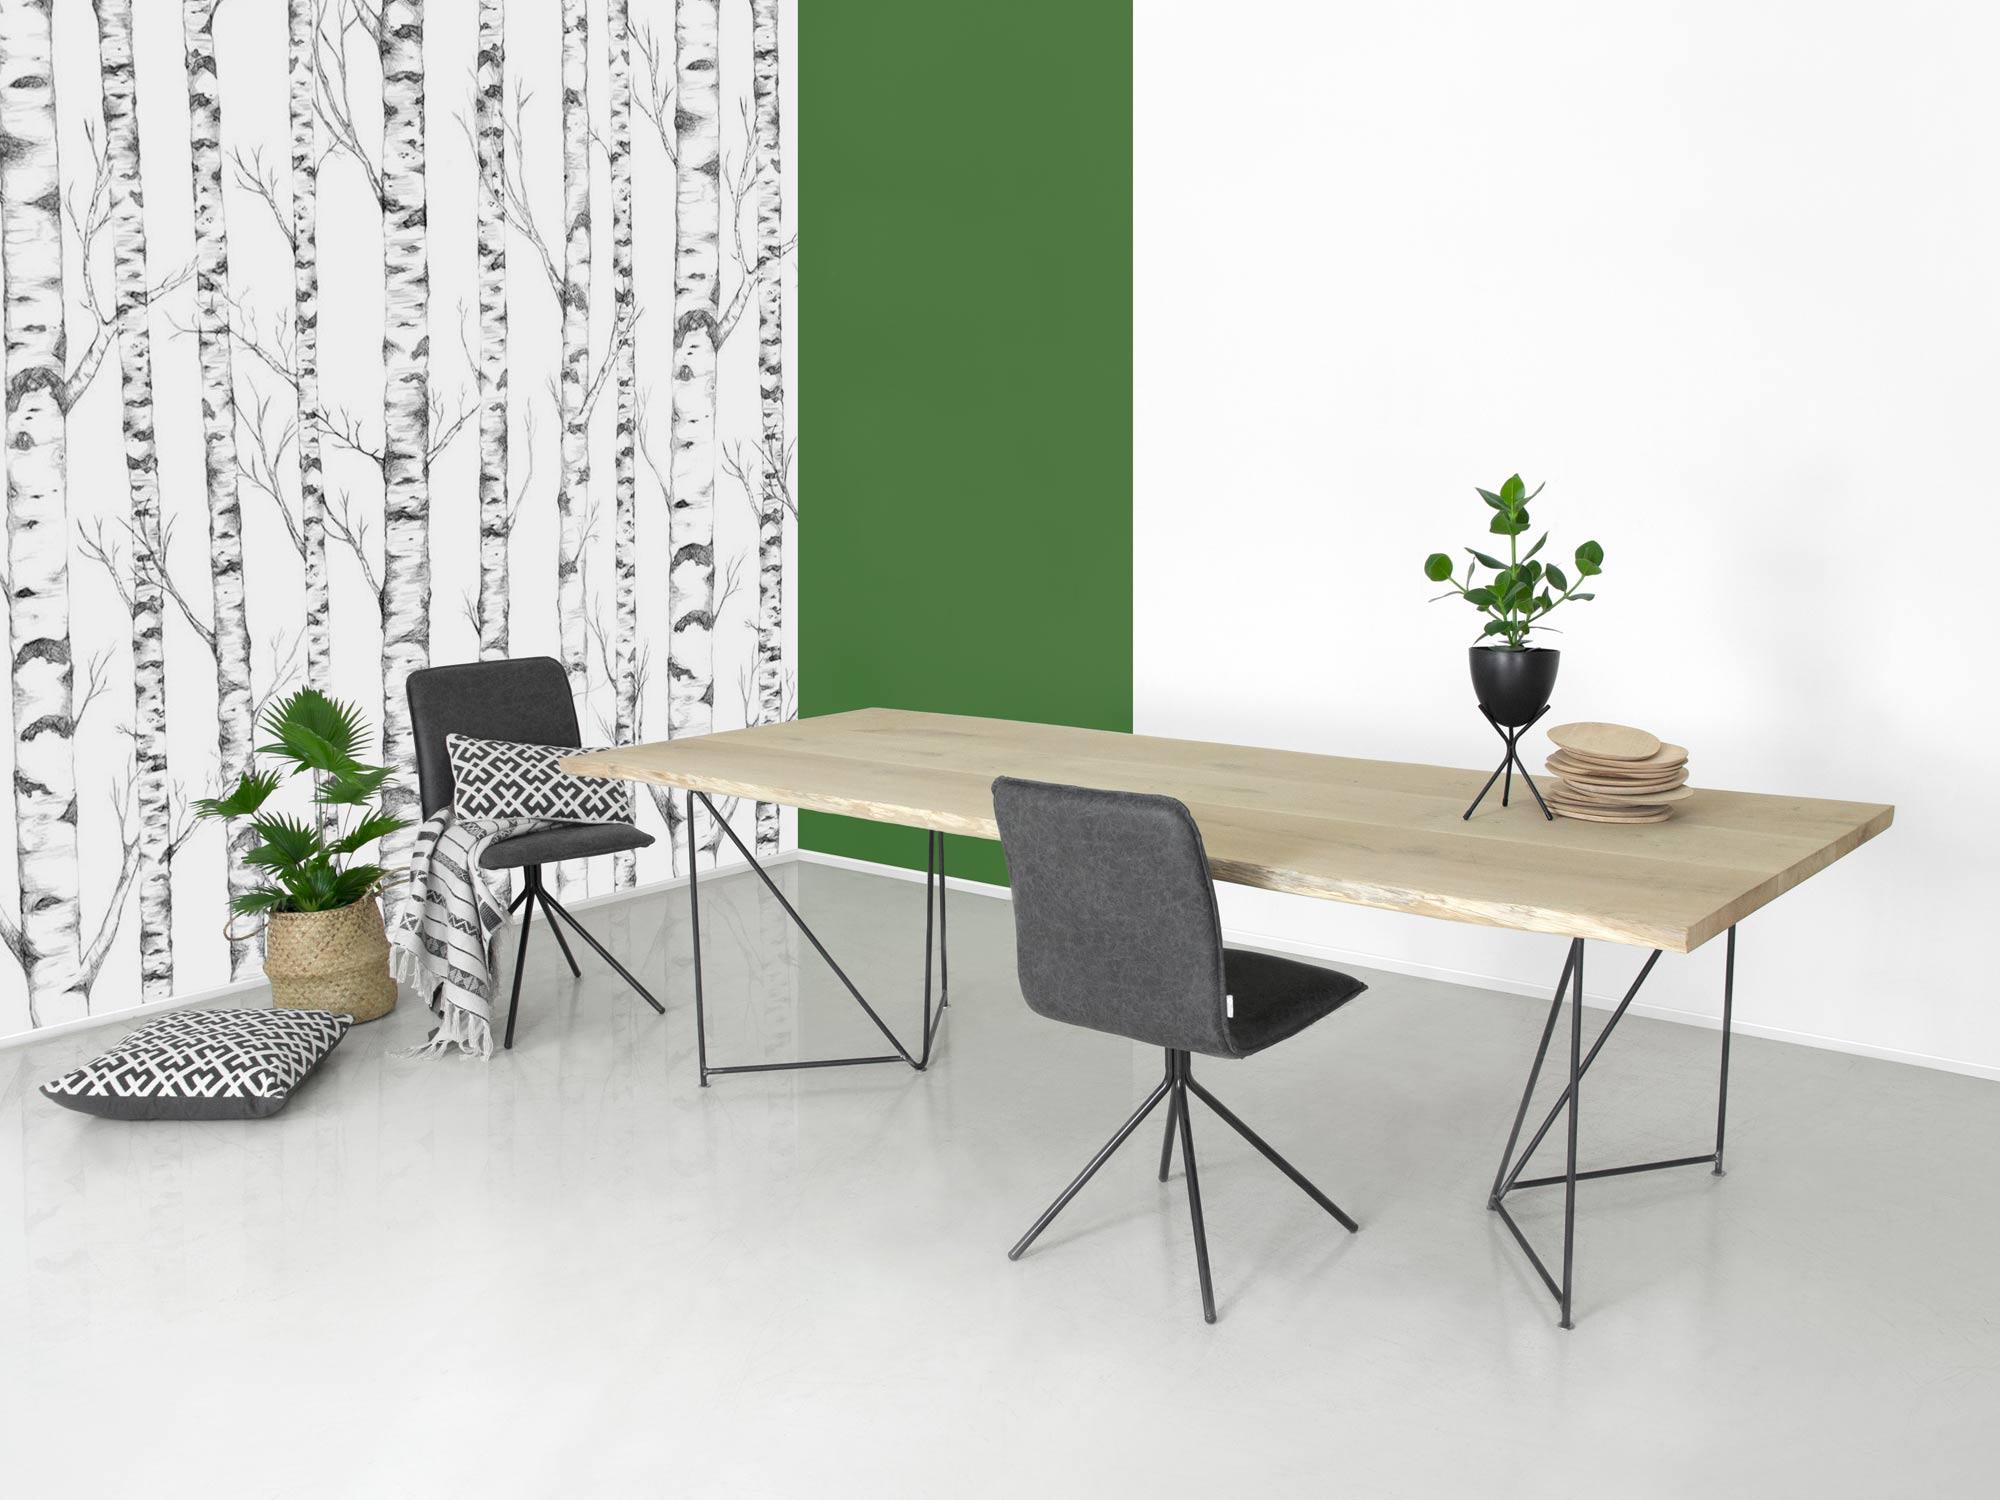 Bedwelming Boomstam Eettafel Veerle op maat gemaakt | FØRN meubelen &KV65